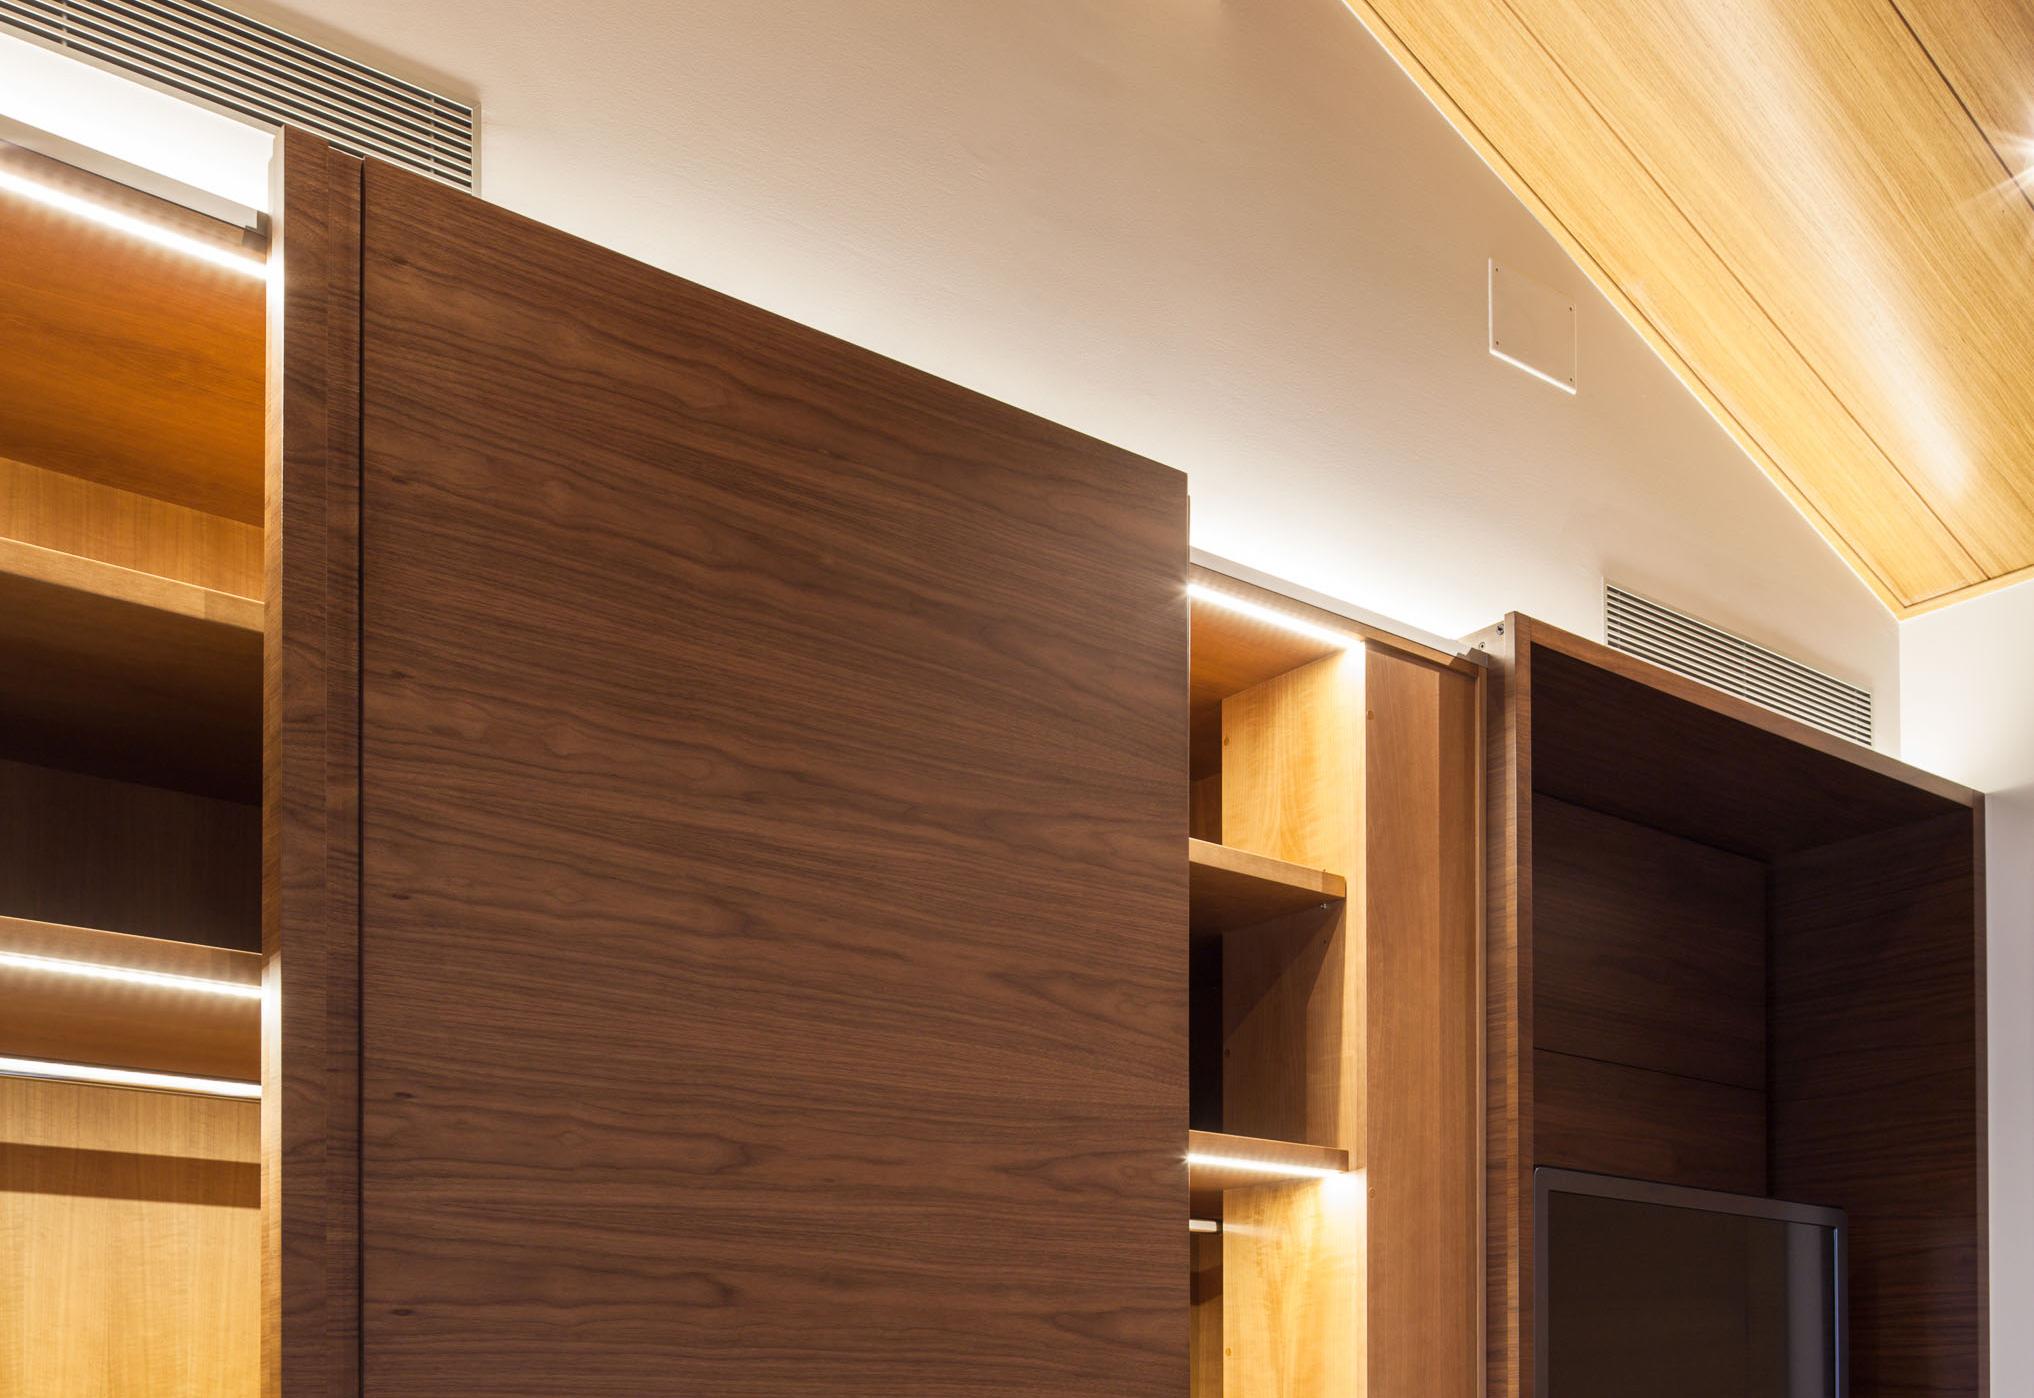 Herrajes puertas correderas armarios y muebles de madera - Mecanismo puerta corredera armario ...